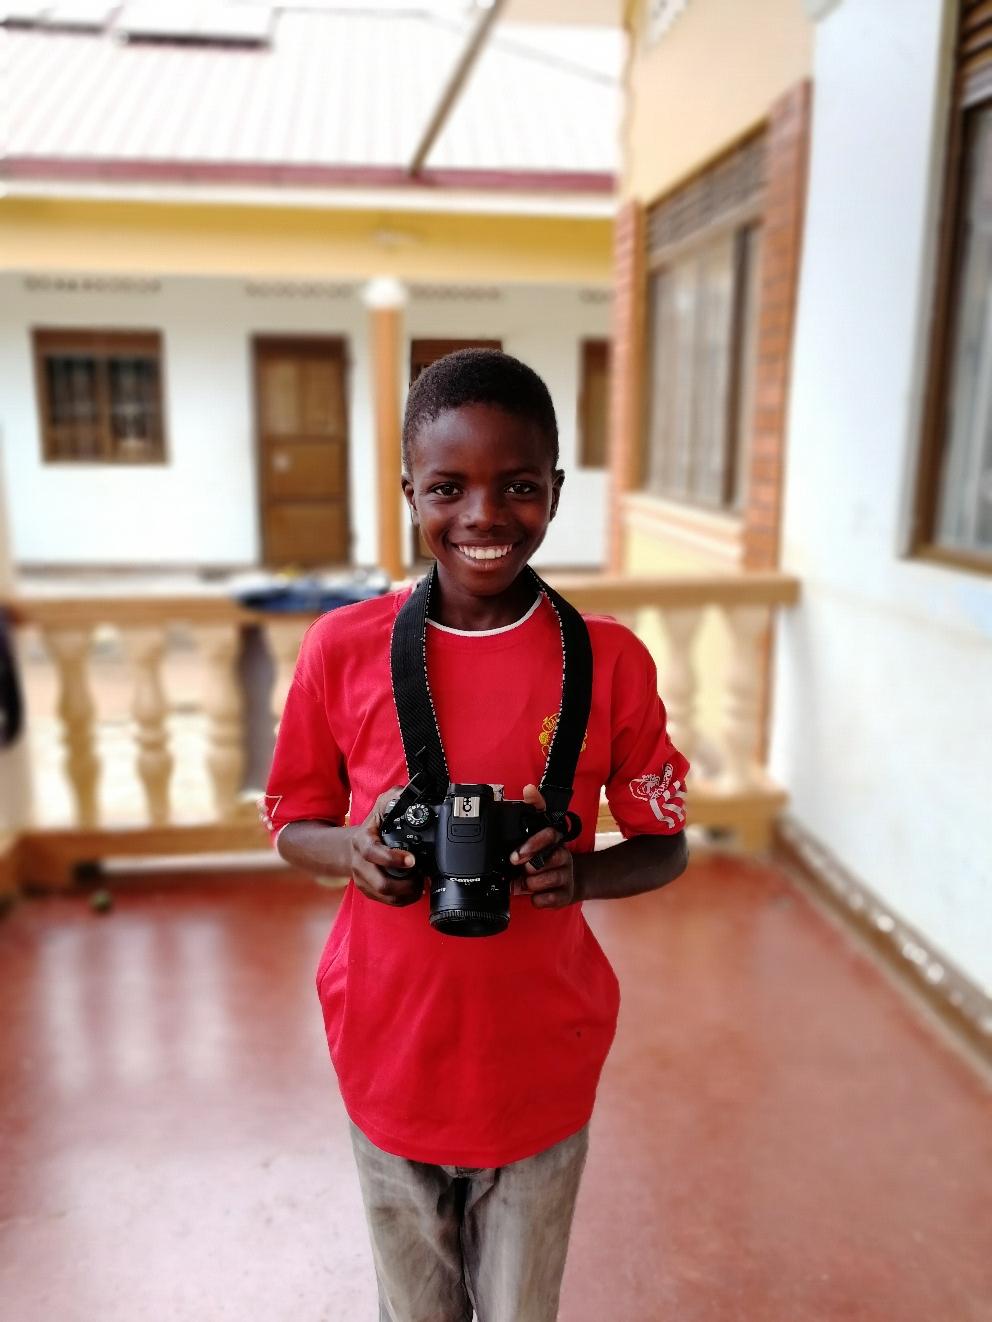 An dieser Stelle vielen Dank an Brian, der die meisten Bilder oben gemacht hat mit meiner Kamera.👌